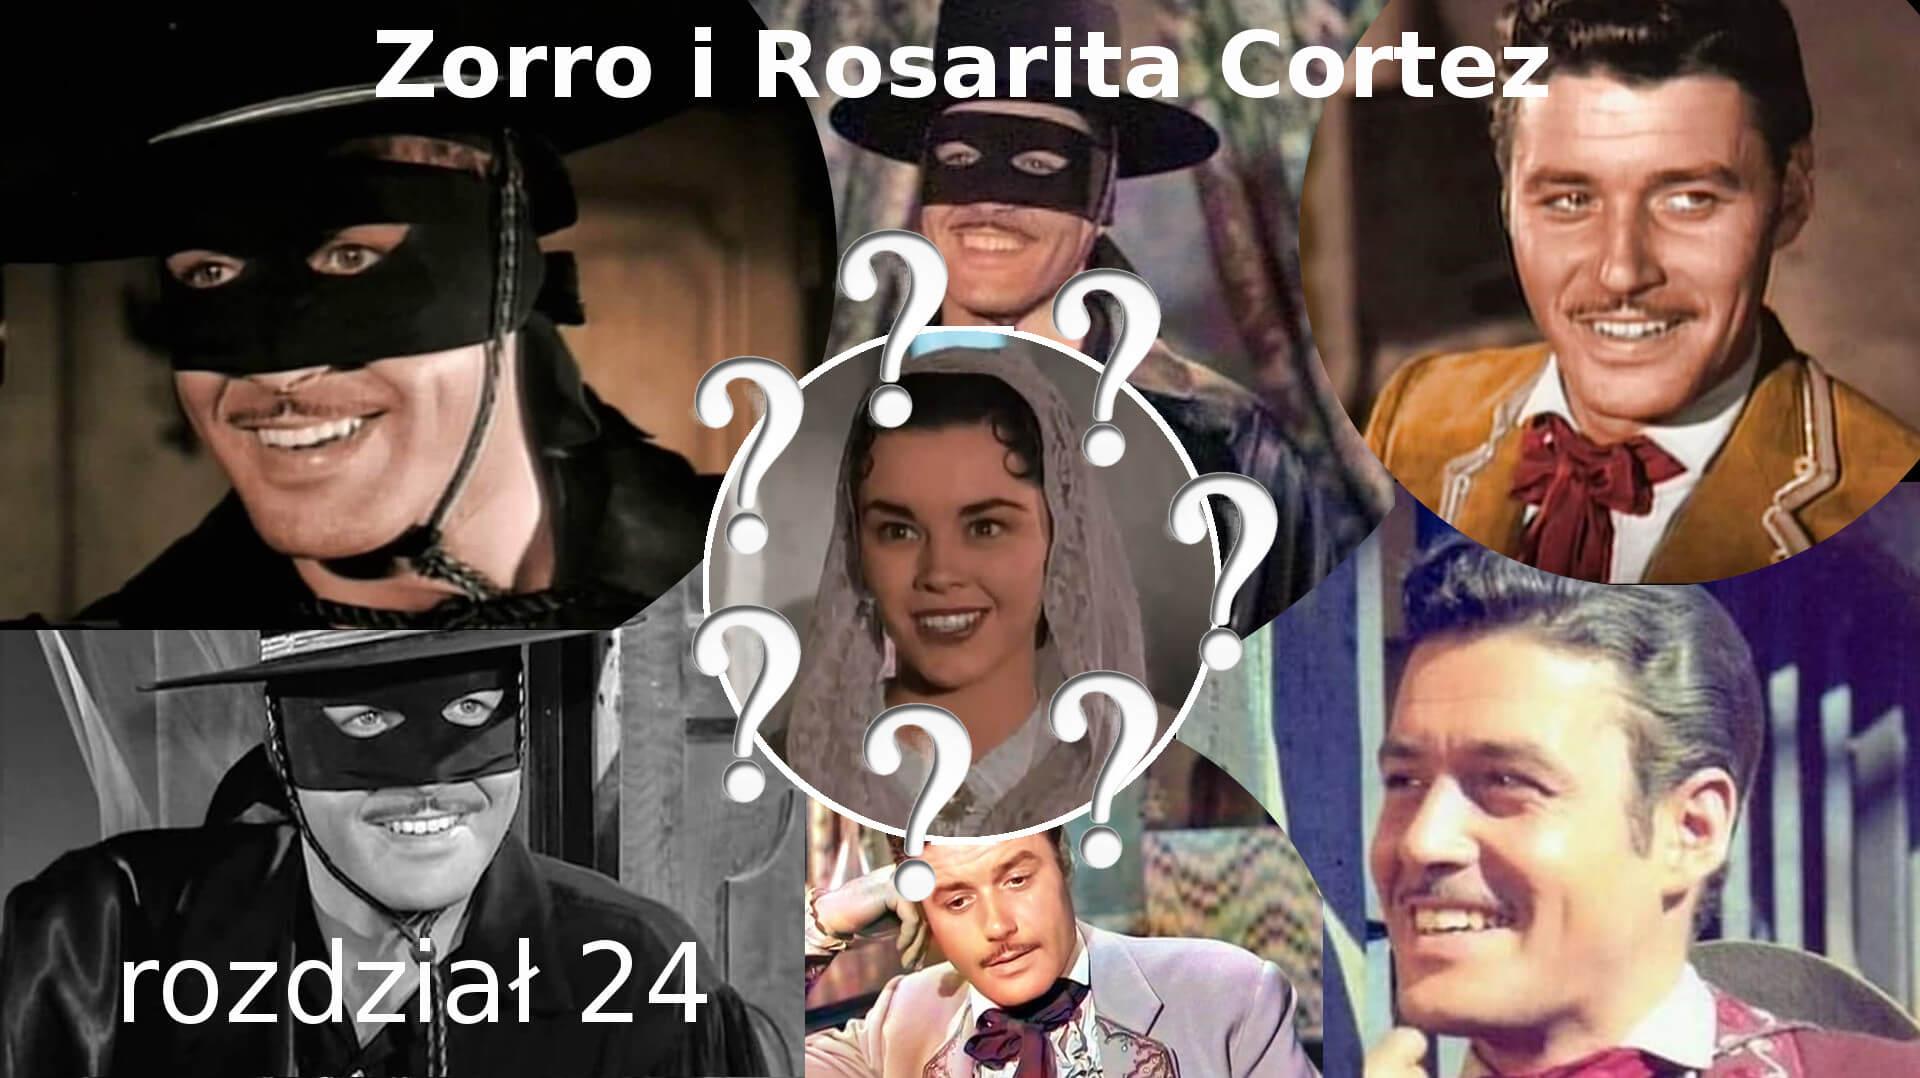 Zorro i Rosarita Cortez rozdział 24 Zorro fanfiction